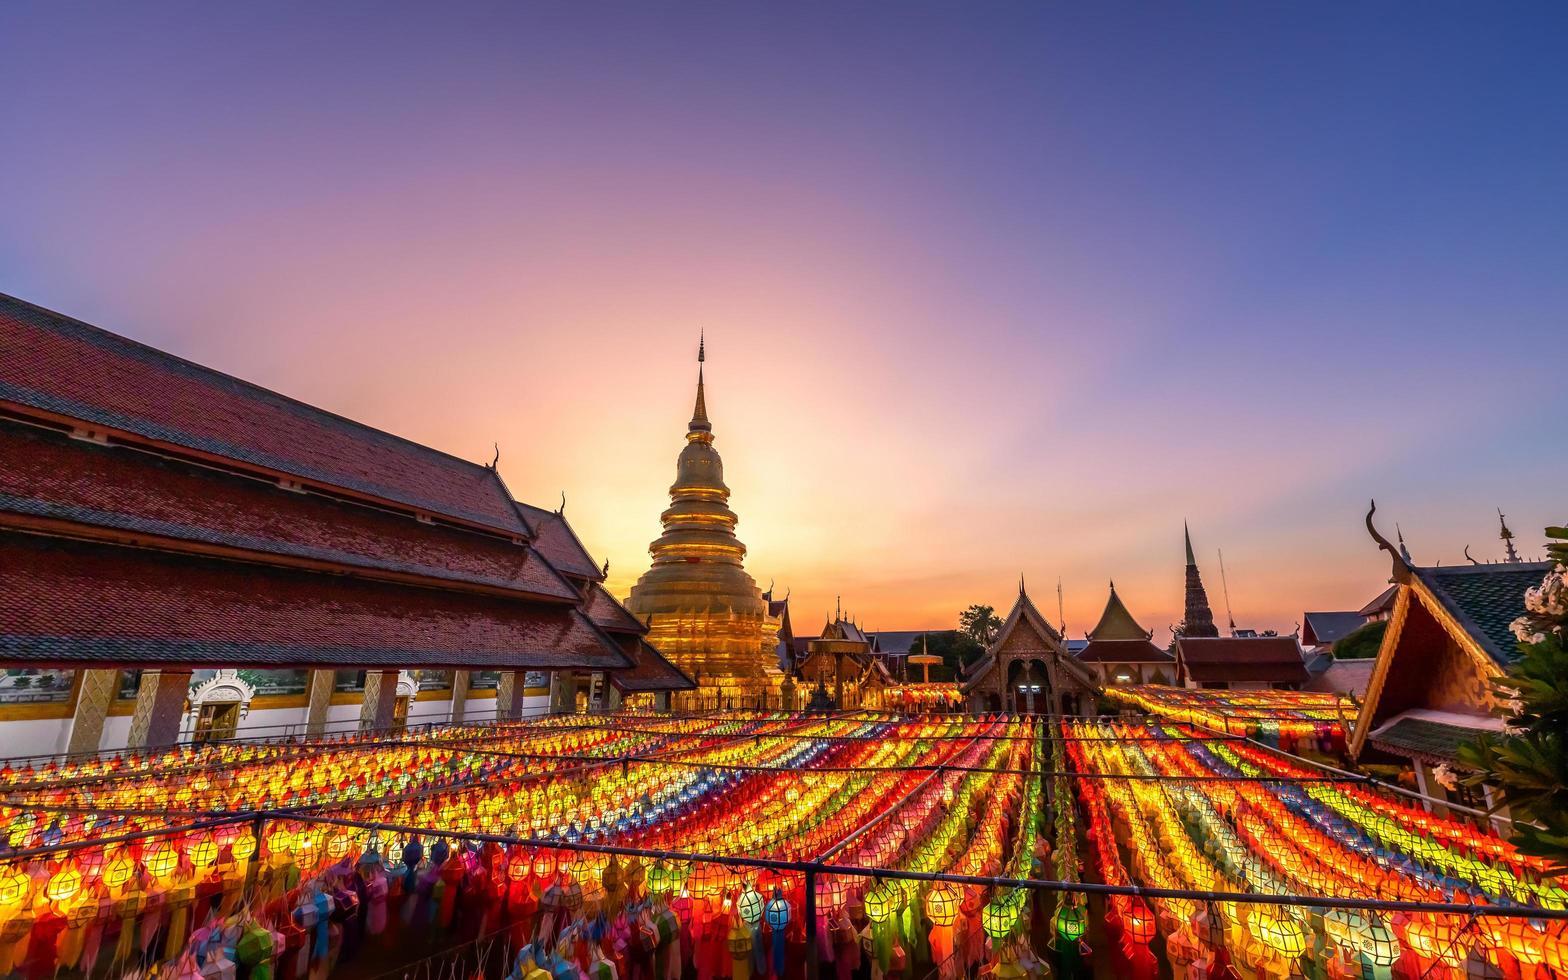 coucher de soleil sur le festival de yi peng en thaïlande photo